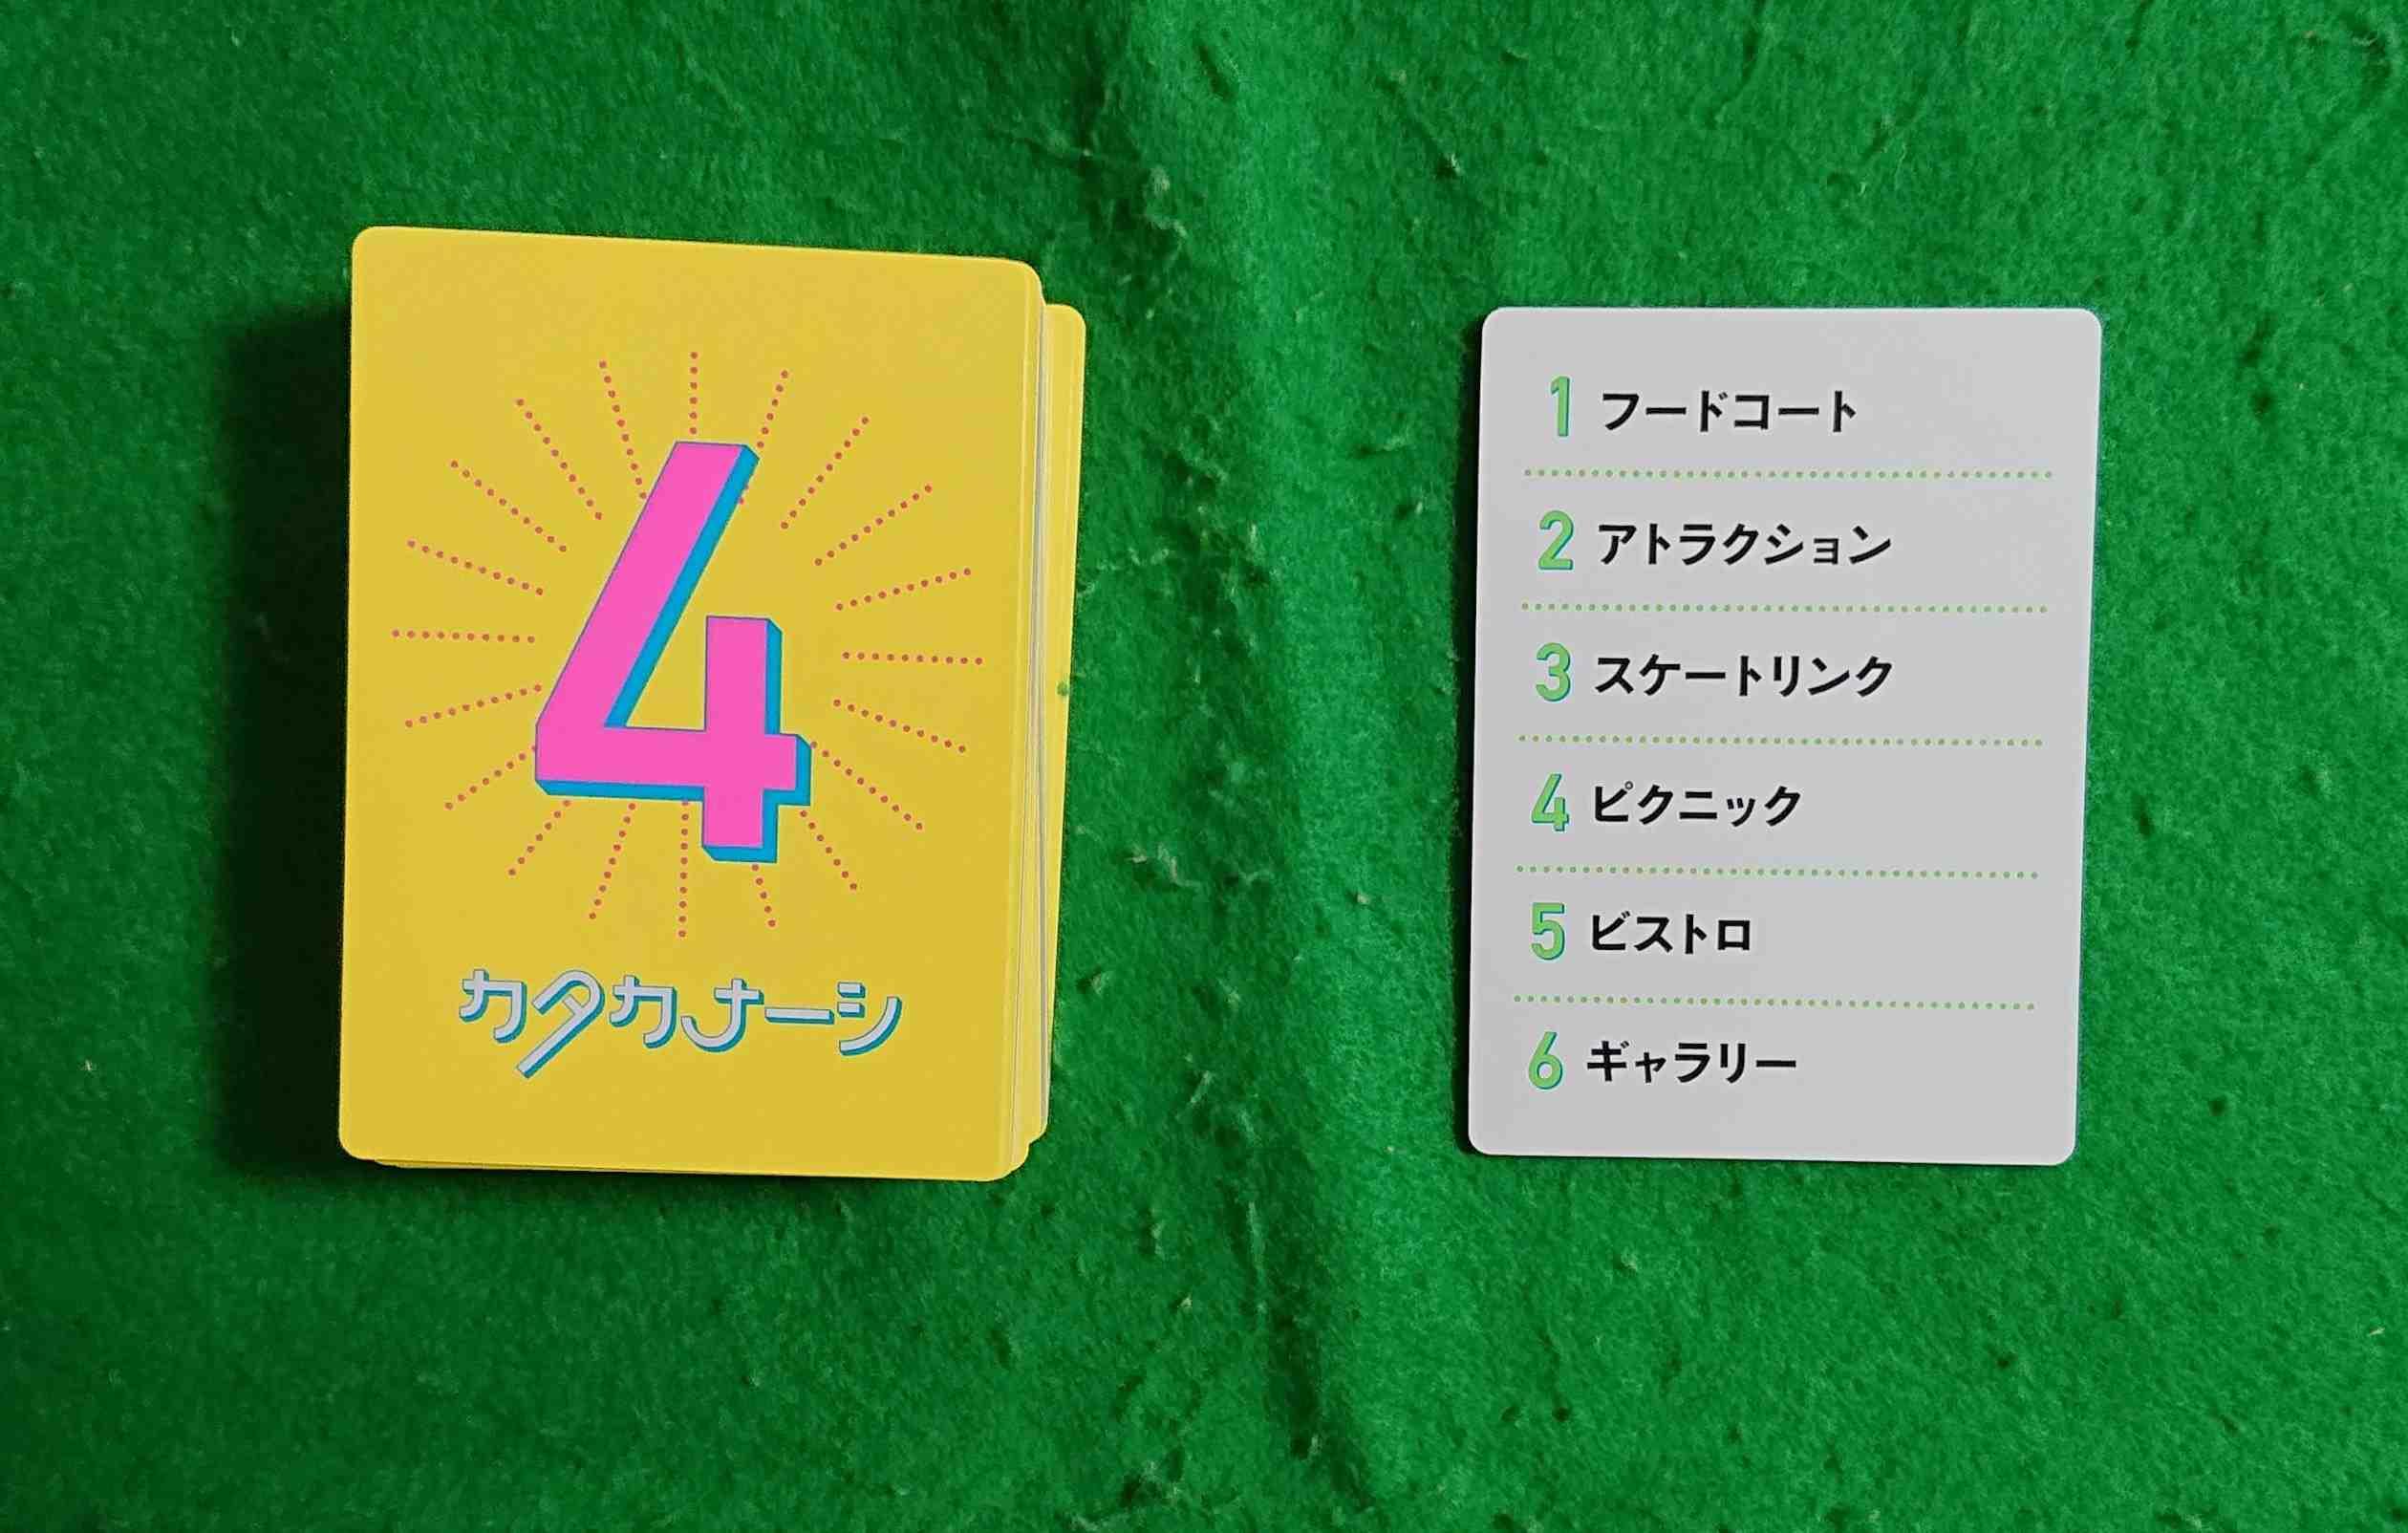 カタカナーシ2 ルール&レビュー カタカナ言葉をカタカナ以外で説明しよう! ボードゲーム